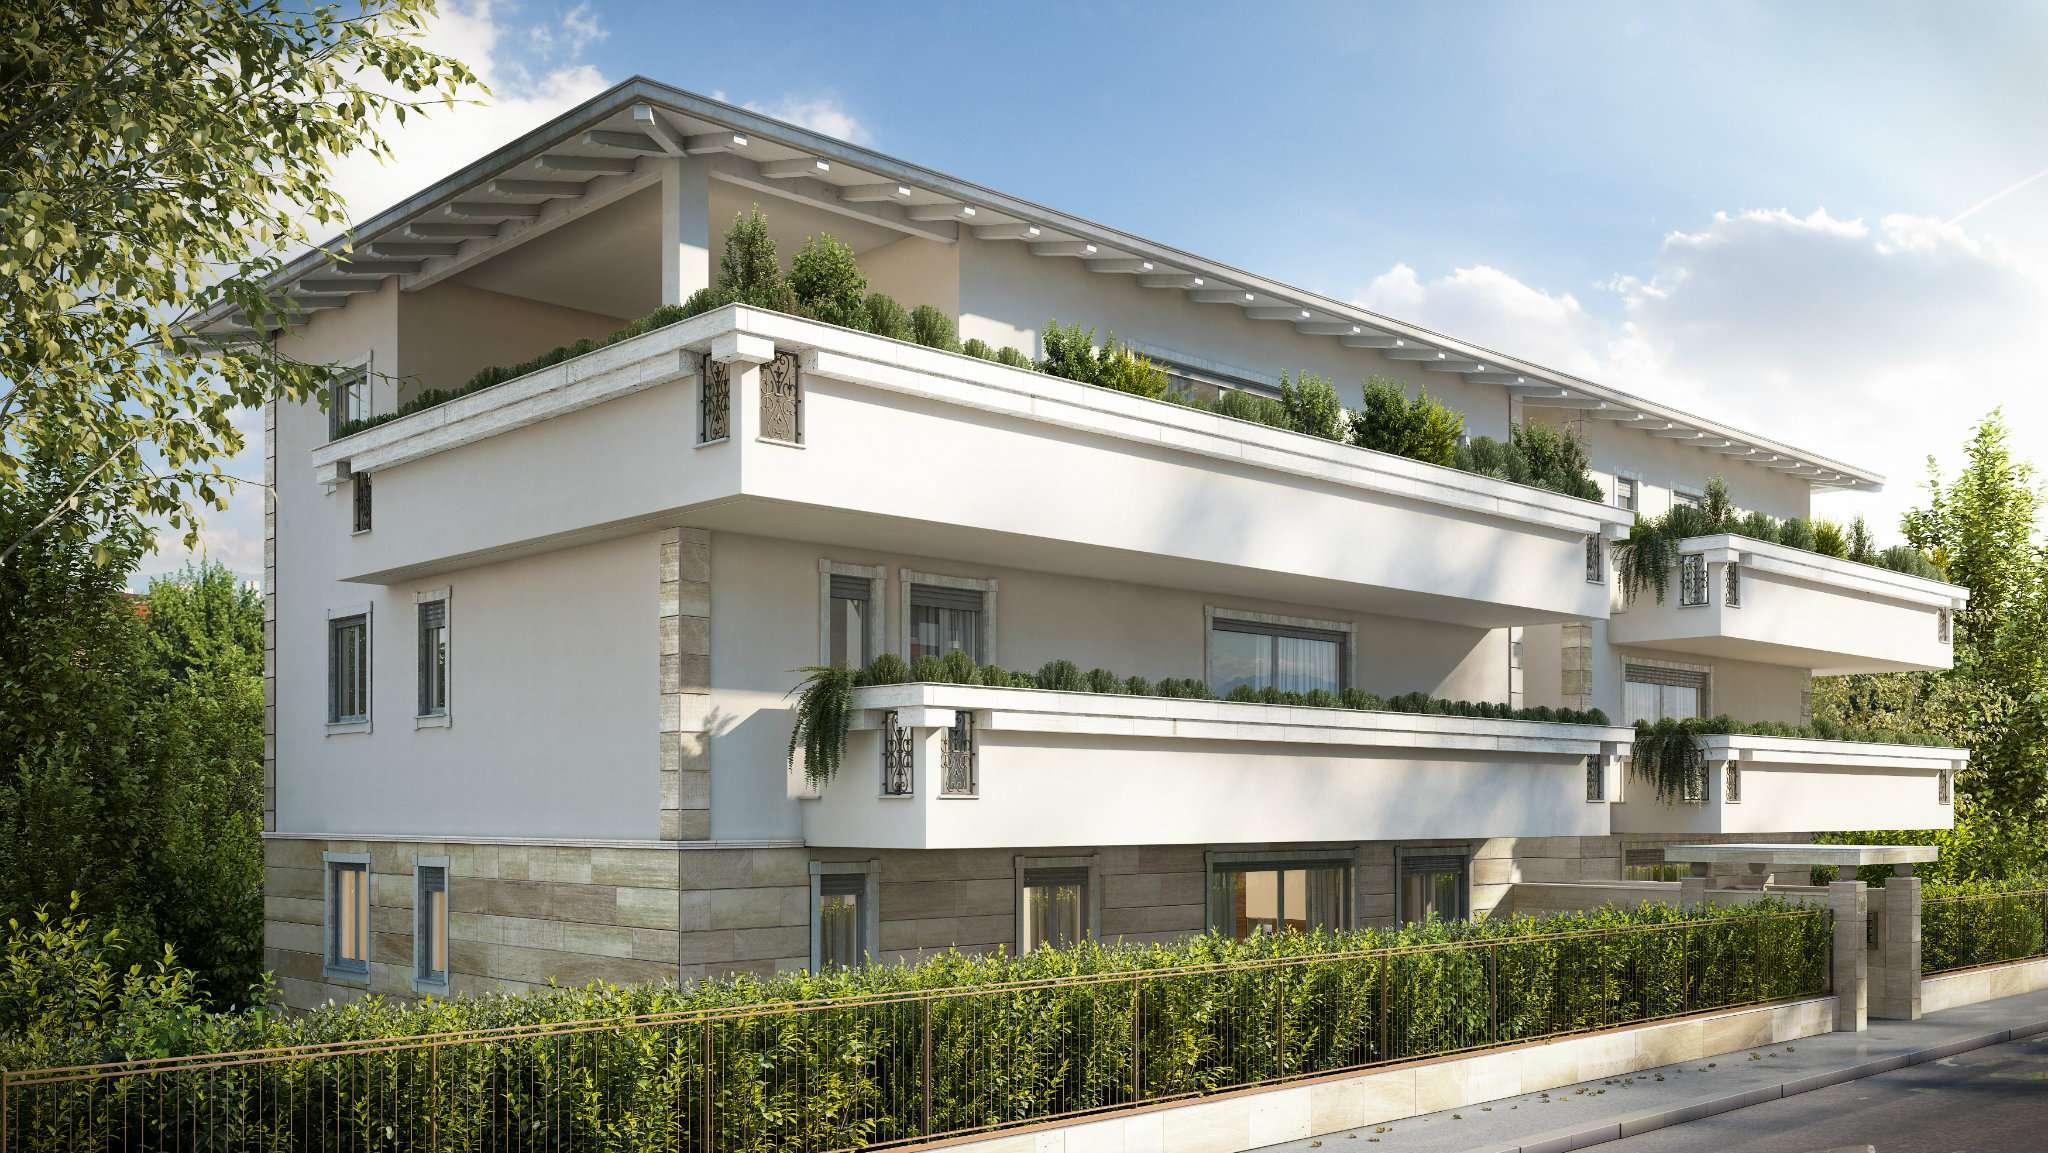 Appartamento in vendita a Senago, 3 locali, Trattative riservate | CambioCasa.it